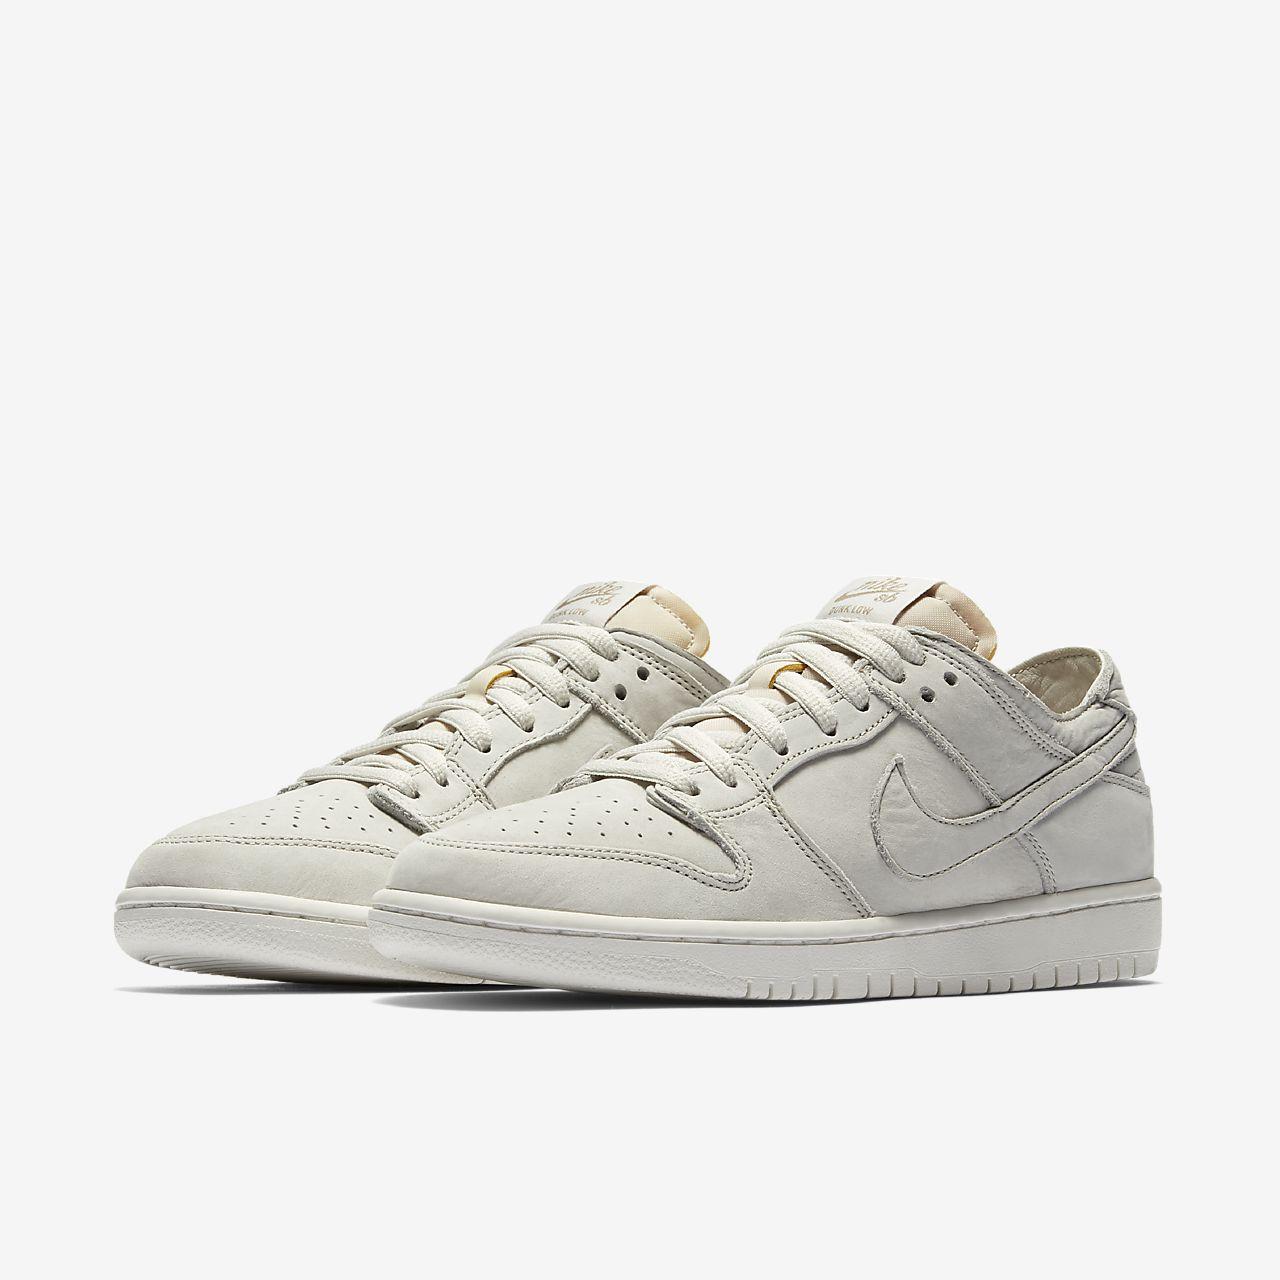 Nike Sb Dunk Low Pro Deconstruido Tamaño De Los Zapatos